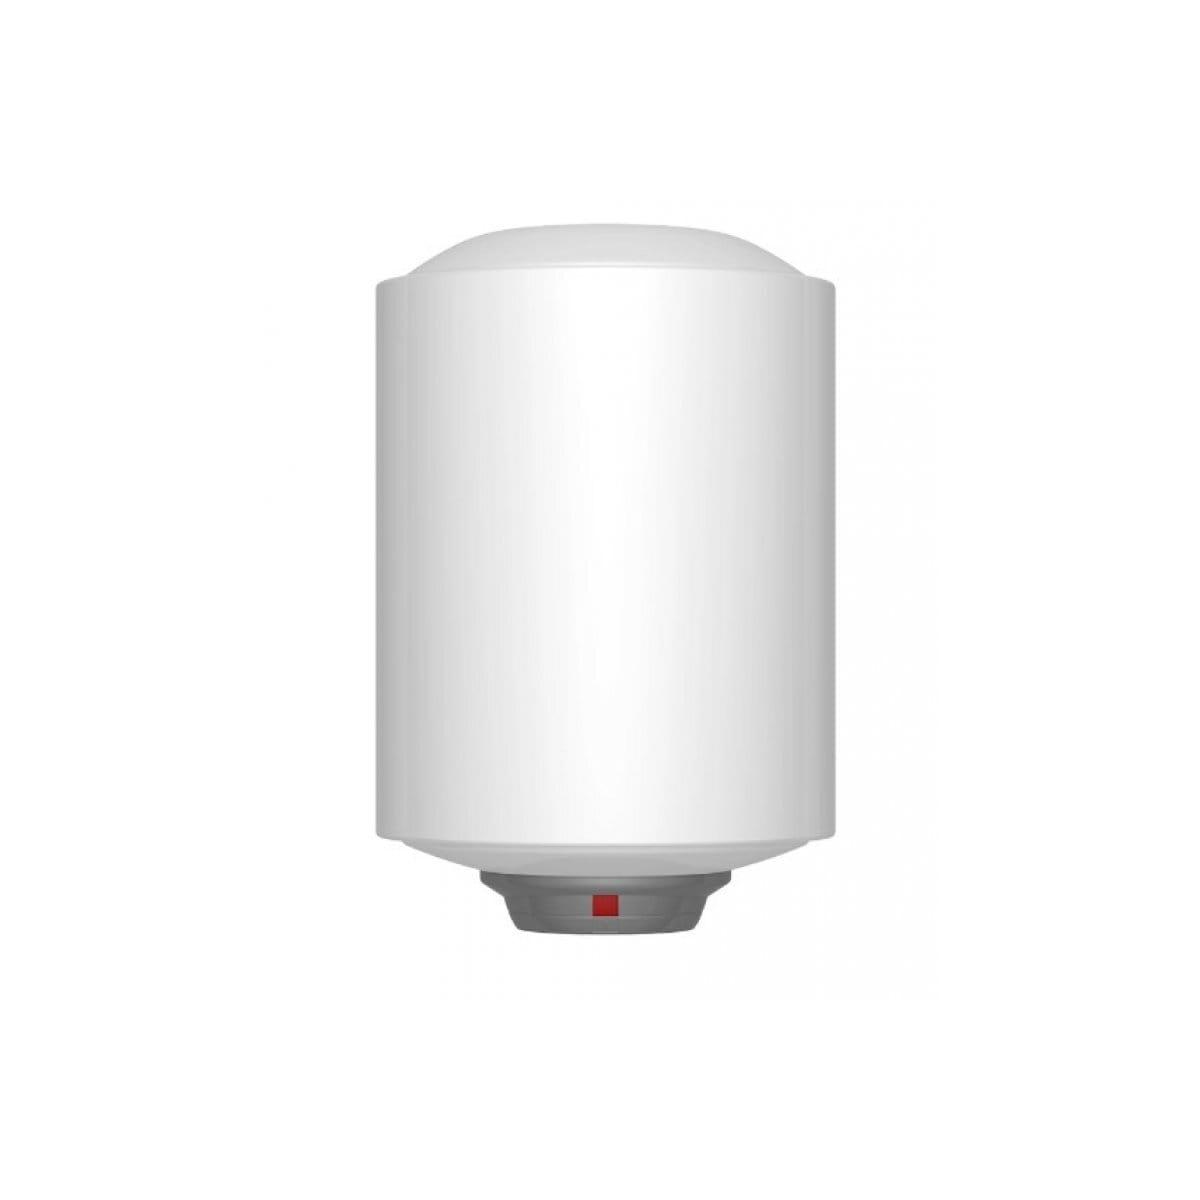 Водонагреватель вертикальный Aquaverso ES, 35 л, эмалированная сталь